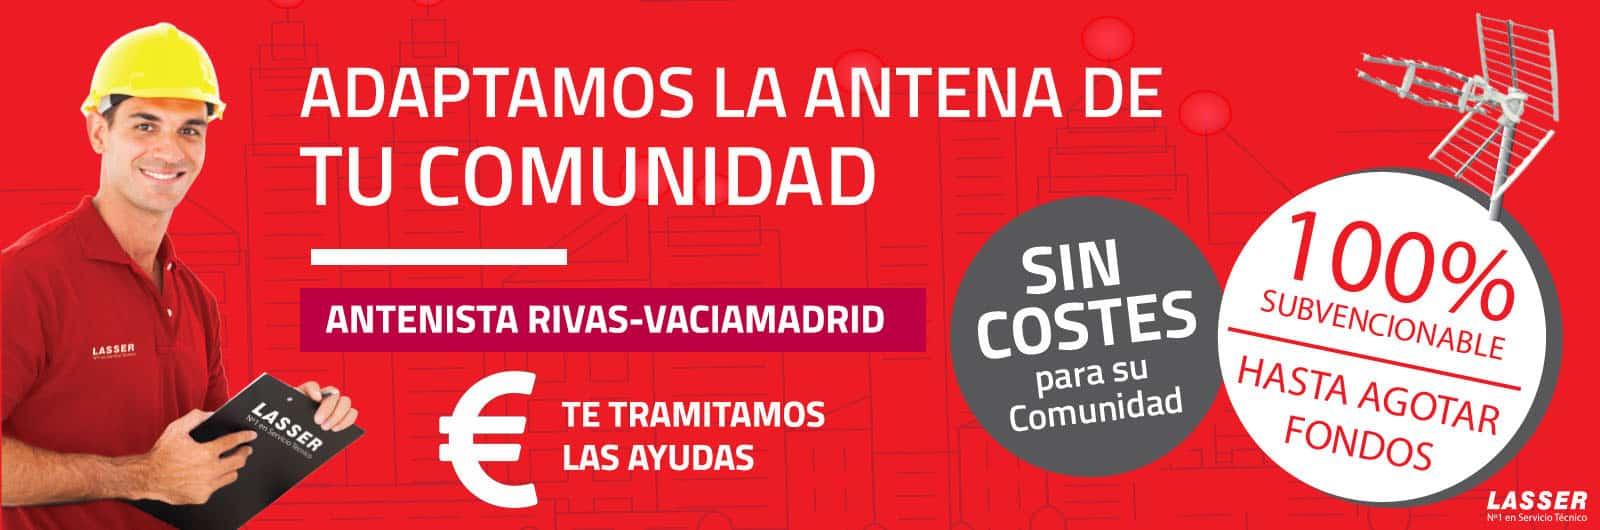 segundo-dividendo-digital-antena-comunidades-promocion-rivas-vaciamadrid